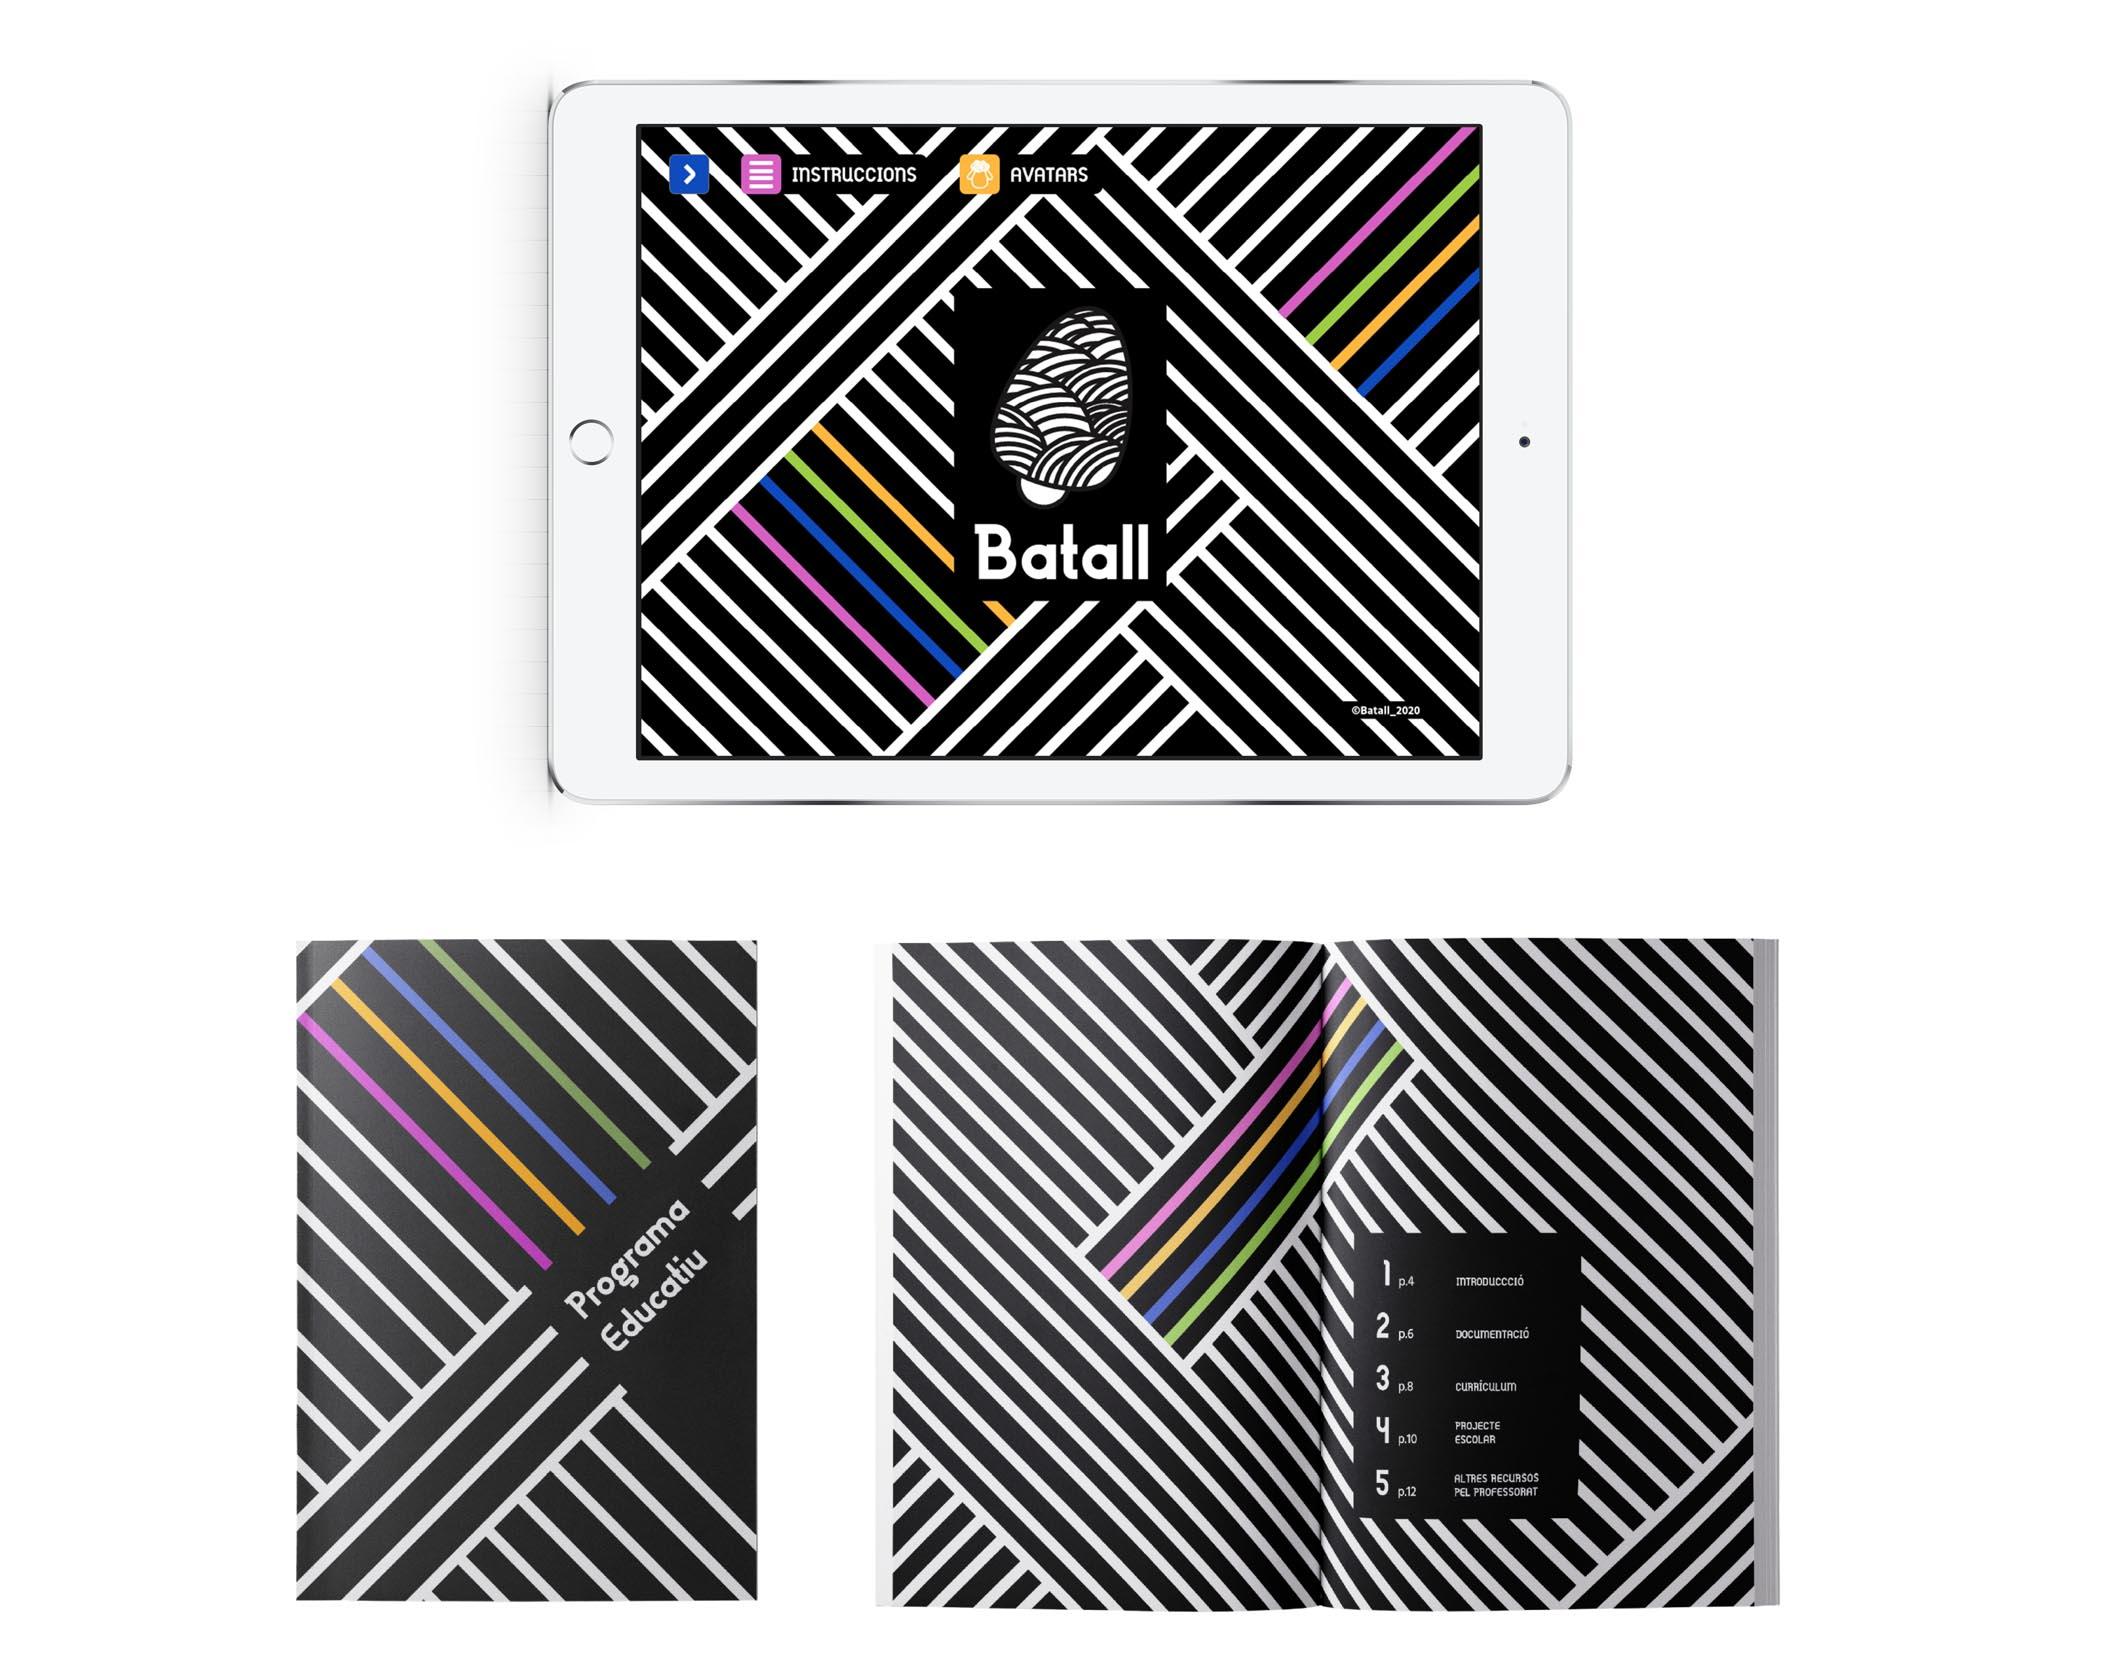 Batall by Alba Escolà - Creative Work